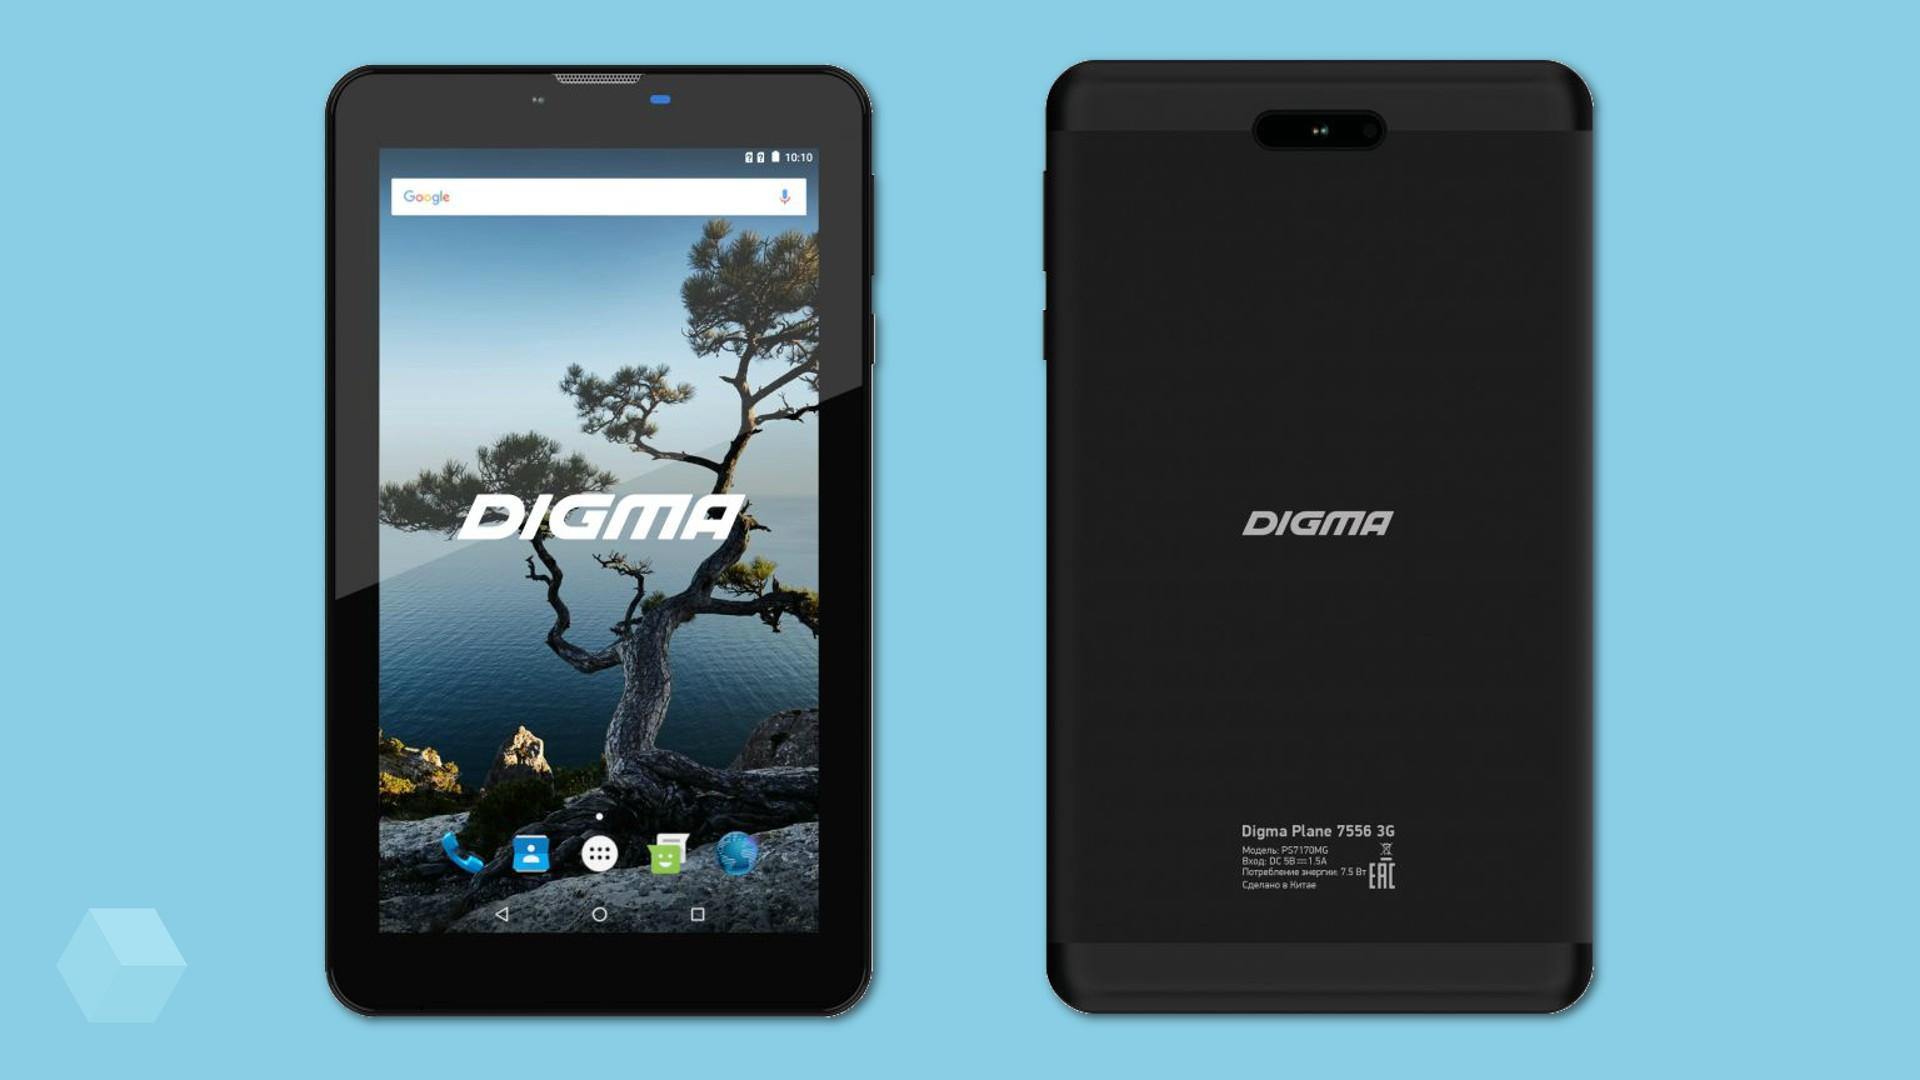 DIGMA презентовала бюджетный планшет с LTE